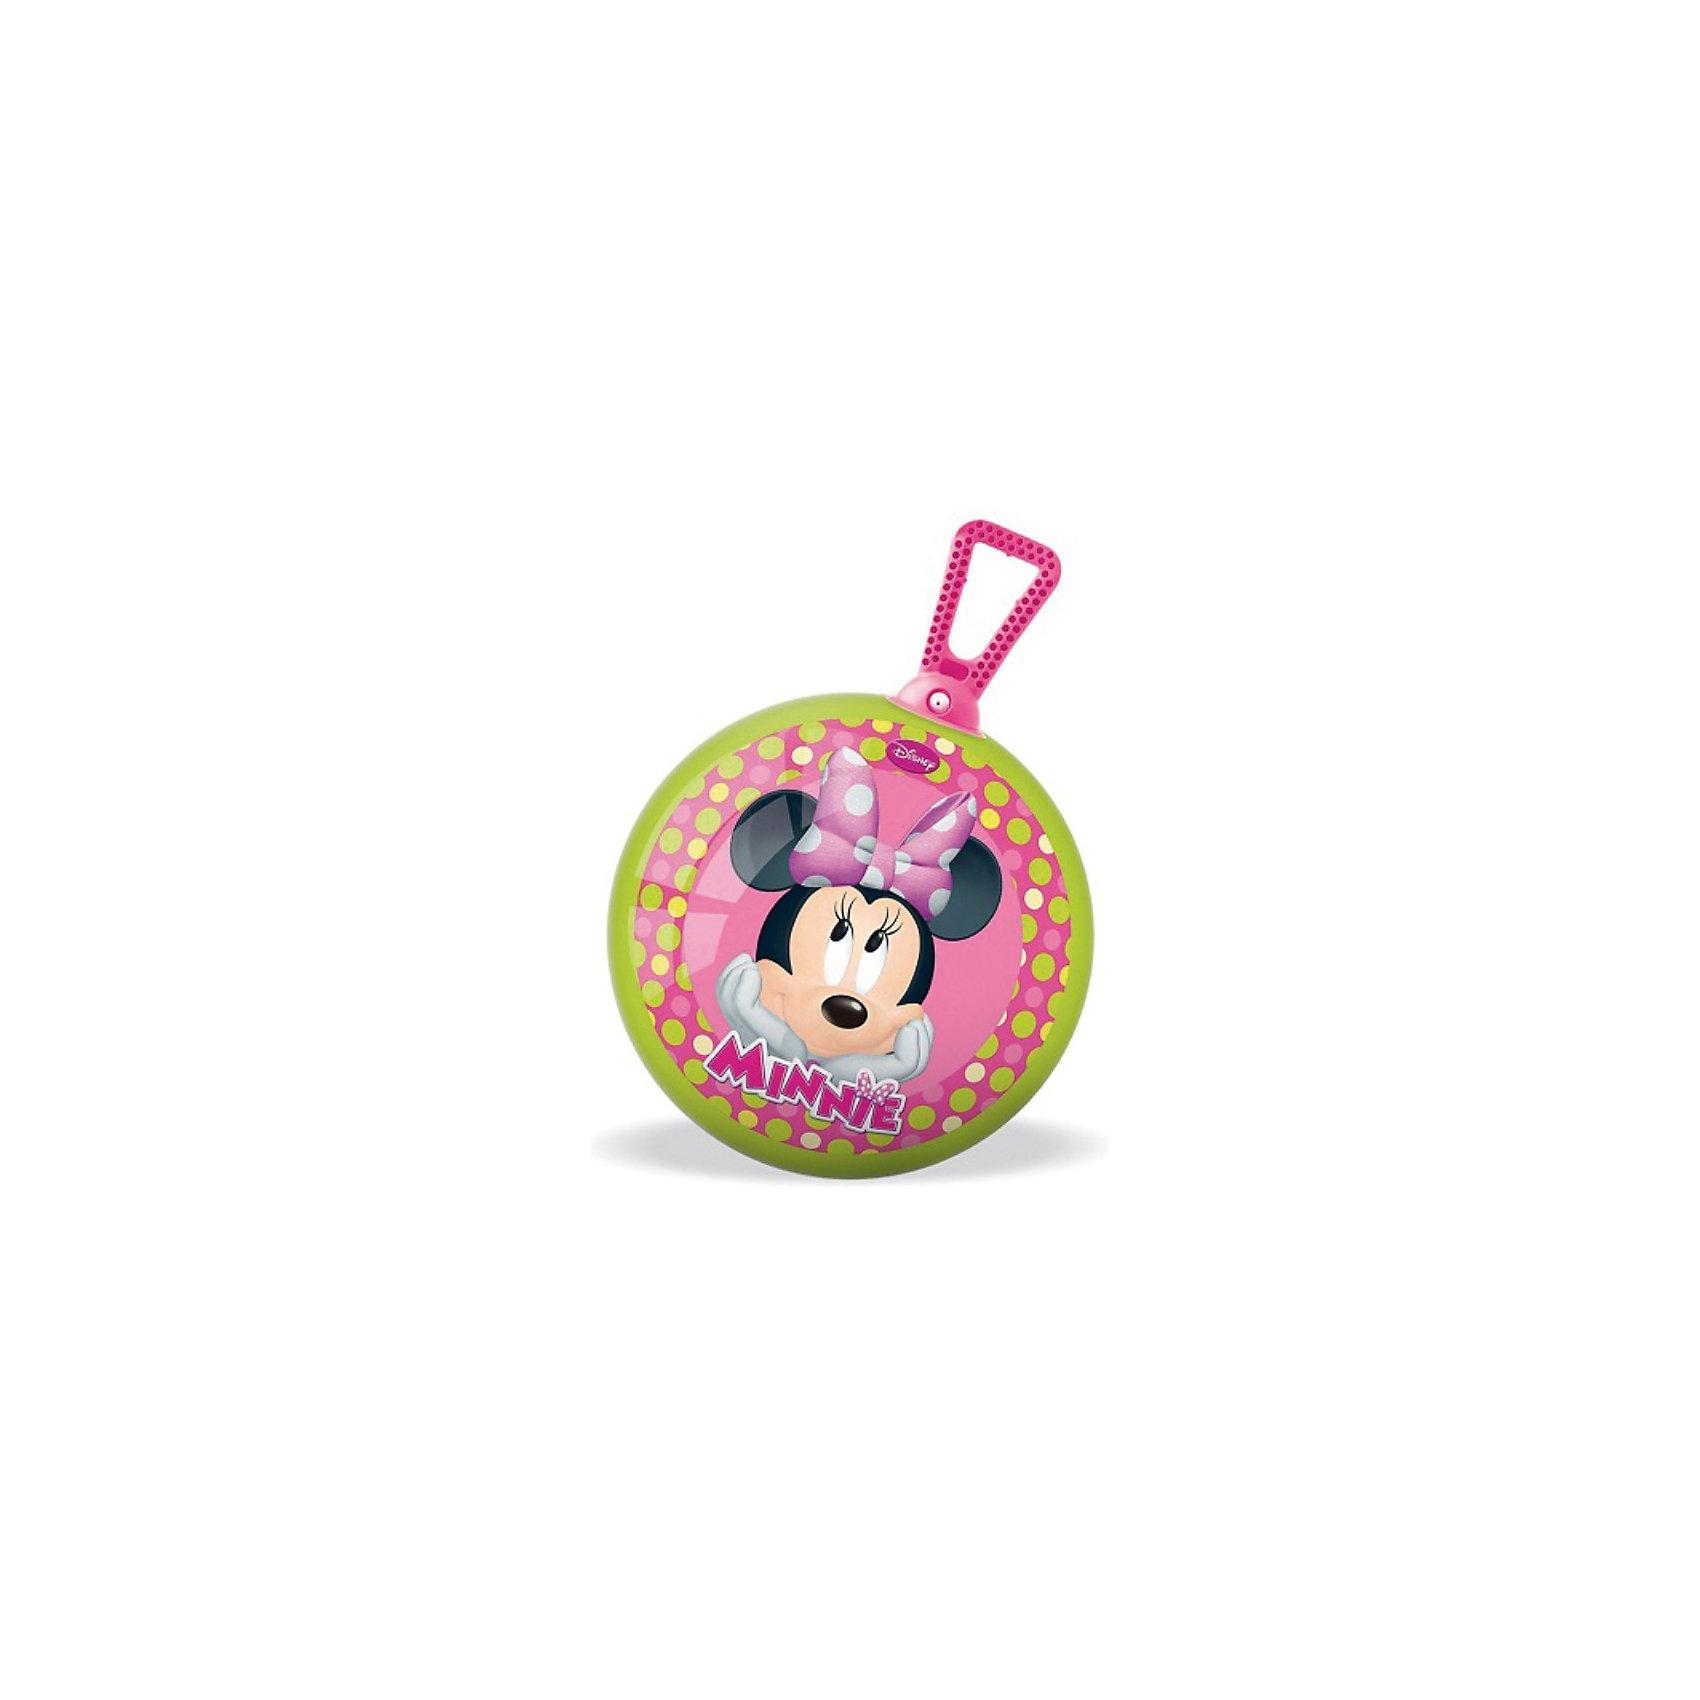 Мяч - попрыгунчик Минни , 360°,  ? 45 см, Минни МаусС таким мячом будет весело не только играть, но и заниматься лечебной физкультурой. <br><br>Мяч-попрыгунчик с удобной ручкой-петлей поможет Вашему ребенку укрепить мышцы спины, сформировать правильную осанку, развить вестибулярный аппарат. Прыгая на таком мячике, ребенку придется контролировать свое равновесие, тем самым развивая мышечный корсет и оптимизируя двигательную активность.<br><br>Дополнительная информация:<br><br>- Диаметр мяча: 45 см.<br>- Насос в комплект не входит<br>- Мяч поставляется в сдутом виде<br><br>Мяч - попрыгунчик Минни , 360°,  ? 45 см, Минни Маус можно купить в нашем магазине.<br><br>Ширина мм: 200<br>Глубина мм: 80<br>Высота мм: 250<br>Вес г: 894<br>Возраст от месяцев: 36<br>Возраст до месяцев: 1188<br>Пол: Женский<br>Возраст: Детский<br>SKU: 3520784